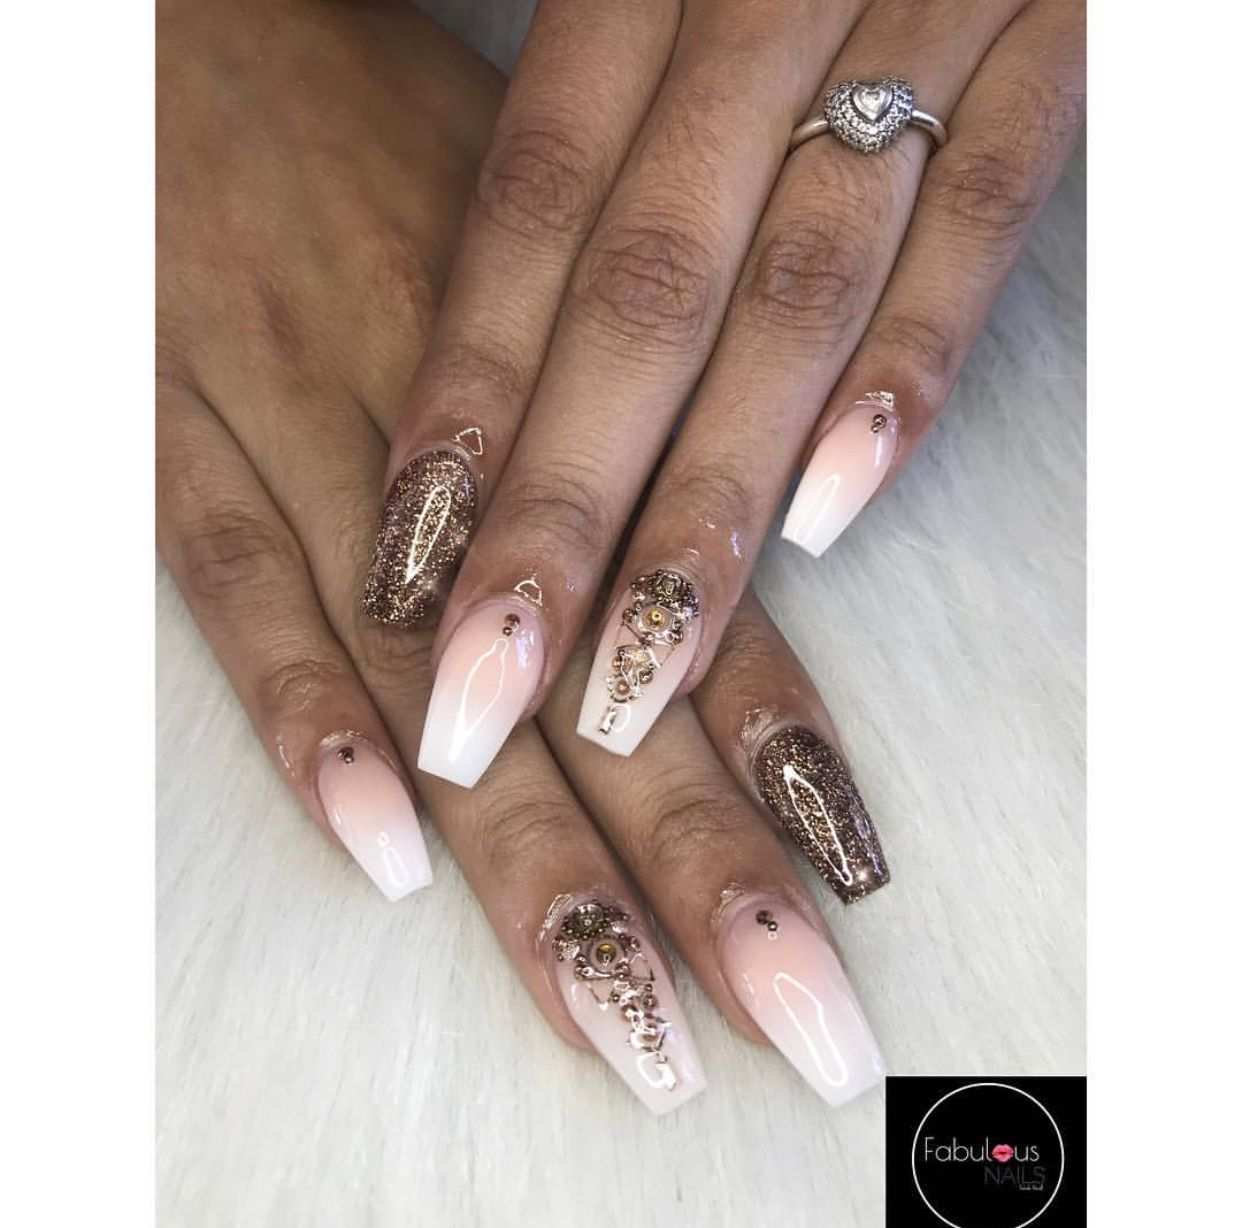 Brown White Pink Nails Coffin Acrylic Nails Diamond Nail Design Nail Art Nails Nailart Na Gold Acrylic Nails Diamond Nail Art Diamond Nail Art Design